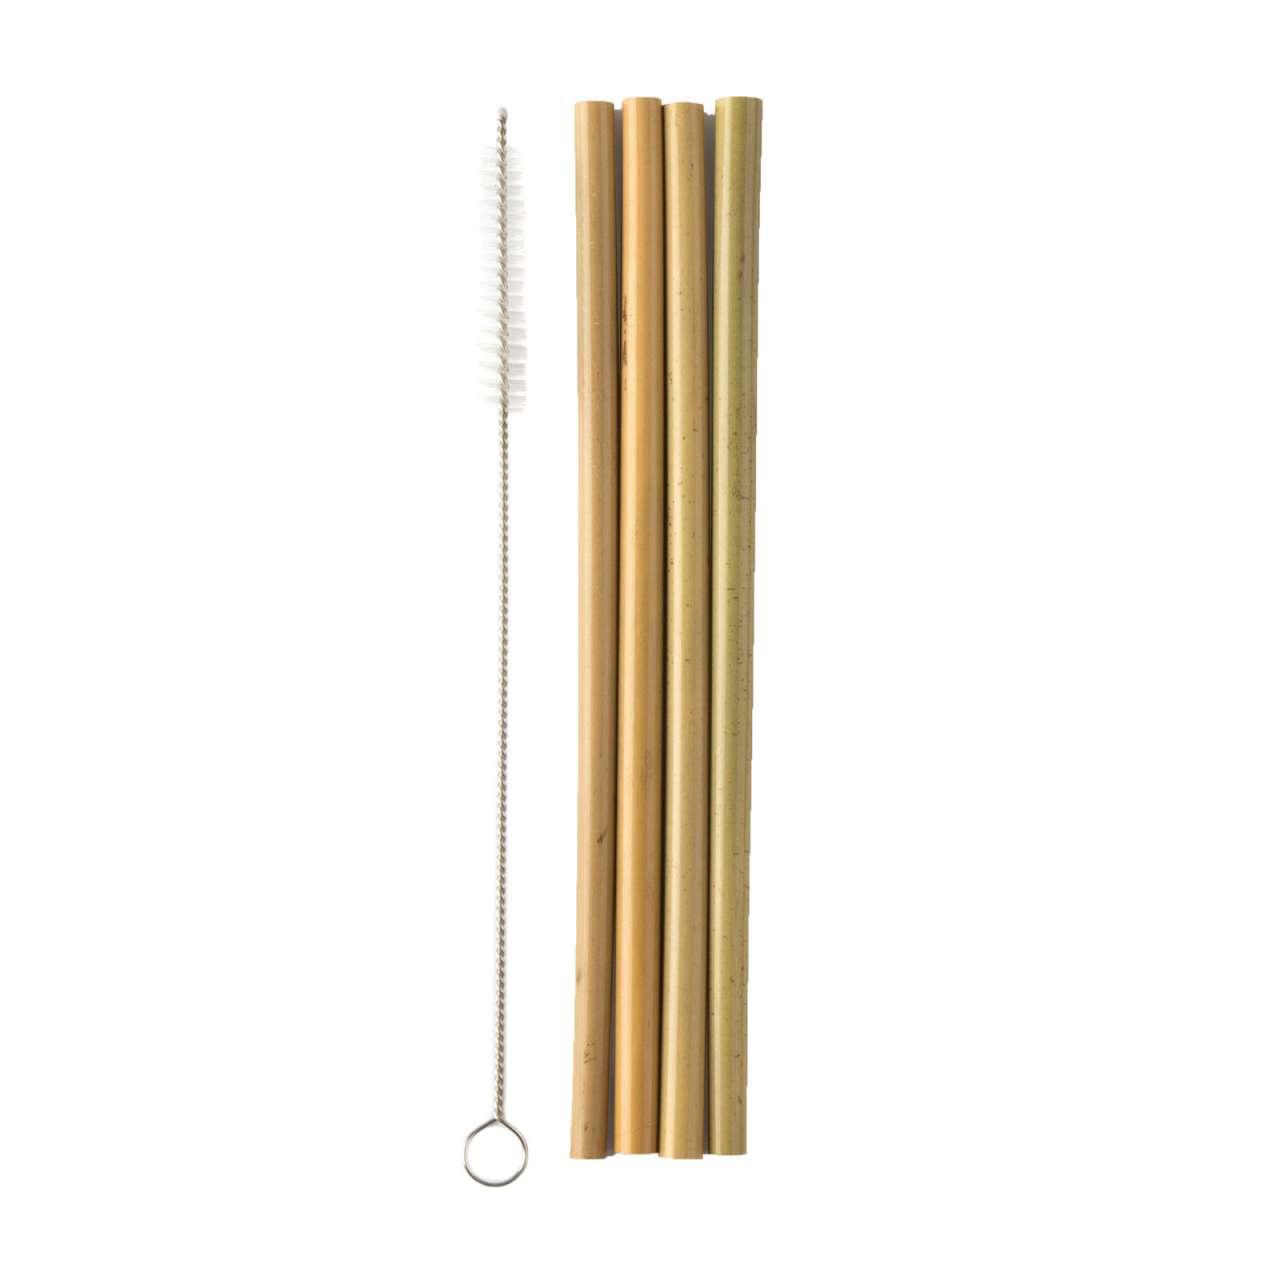 Humble Trinkhalme aus Bambus - wiederverwendbar & plastikfrei